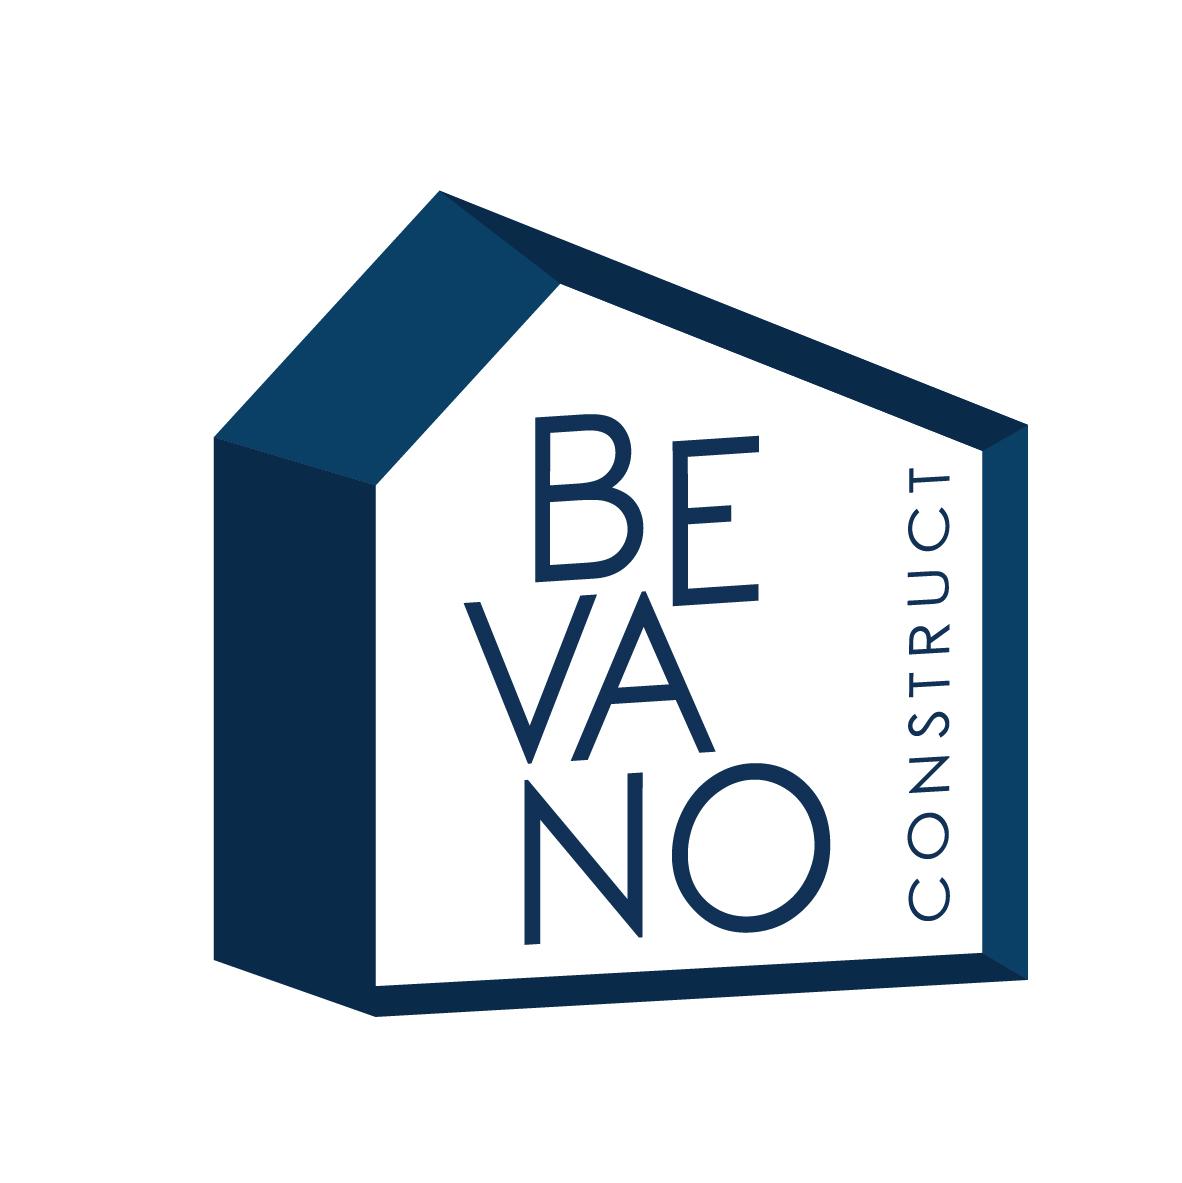 BEVANO construct